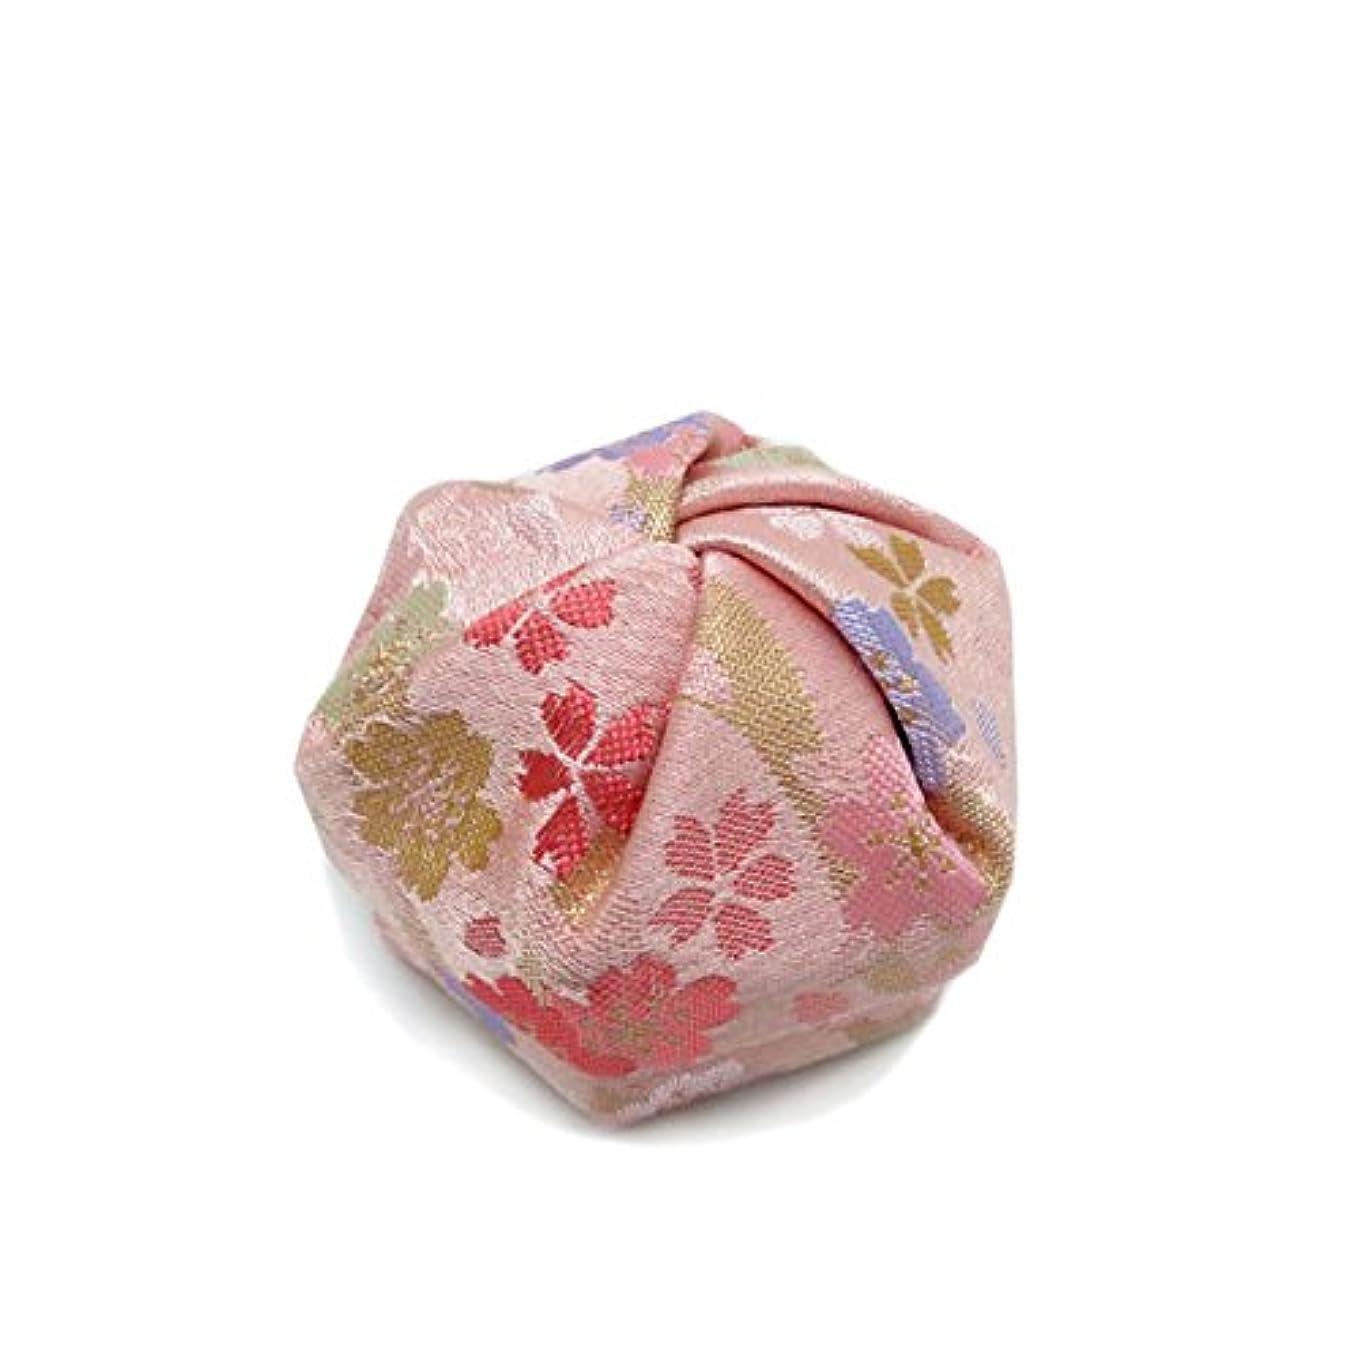 同一性誇大妄想編集する布香盒 ピンク系 紙箱入